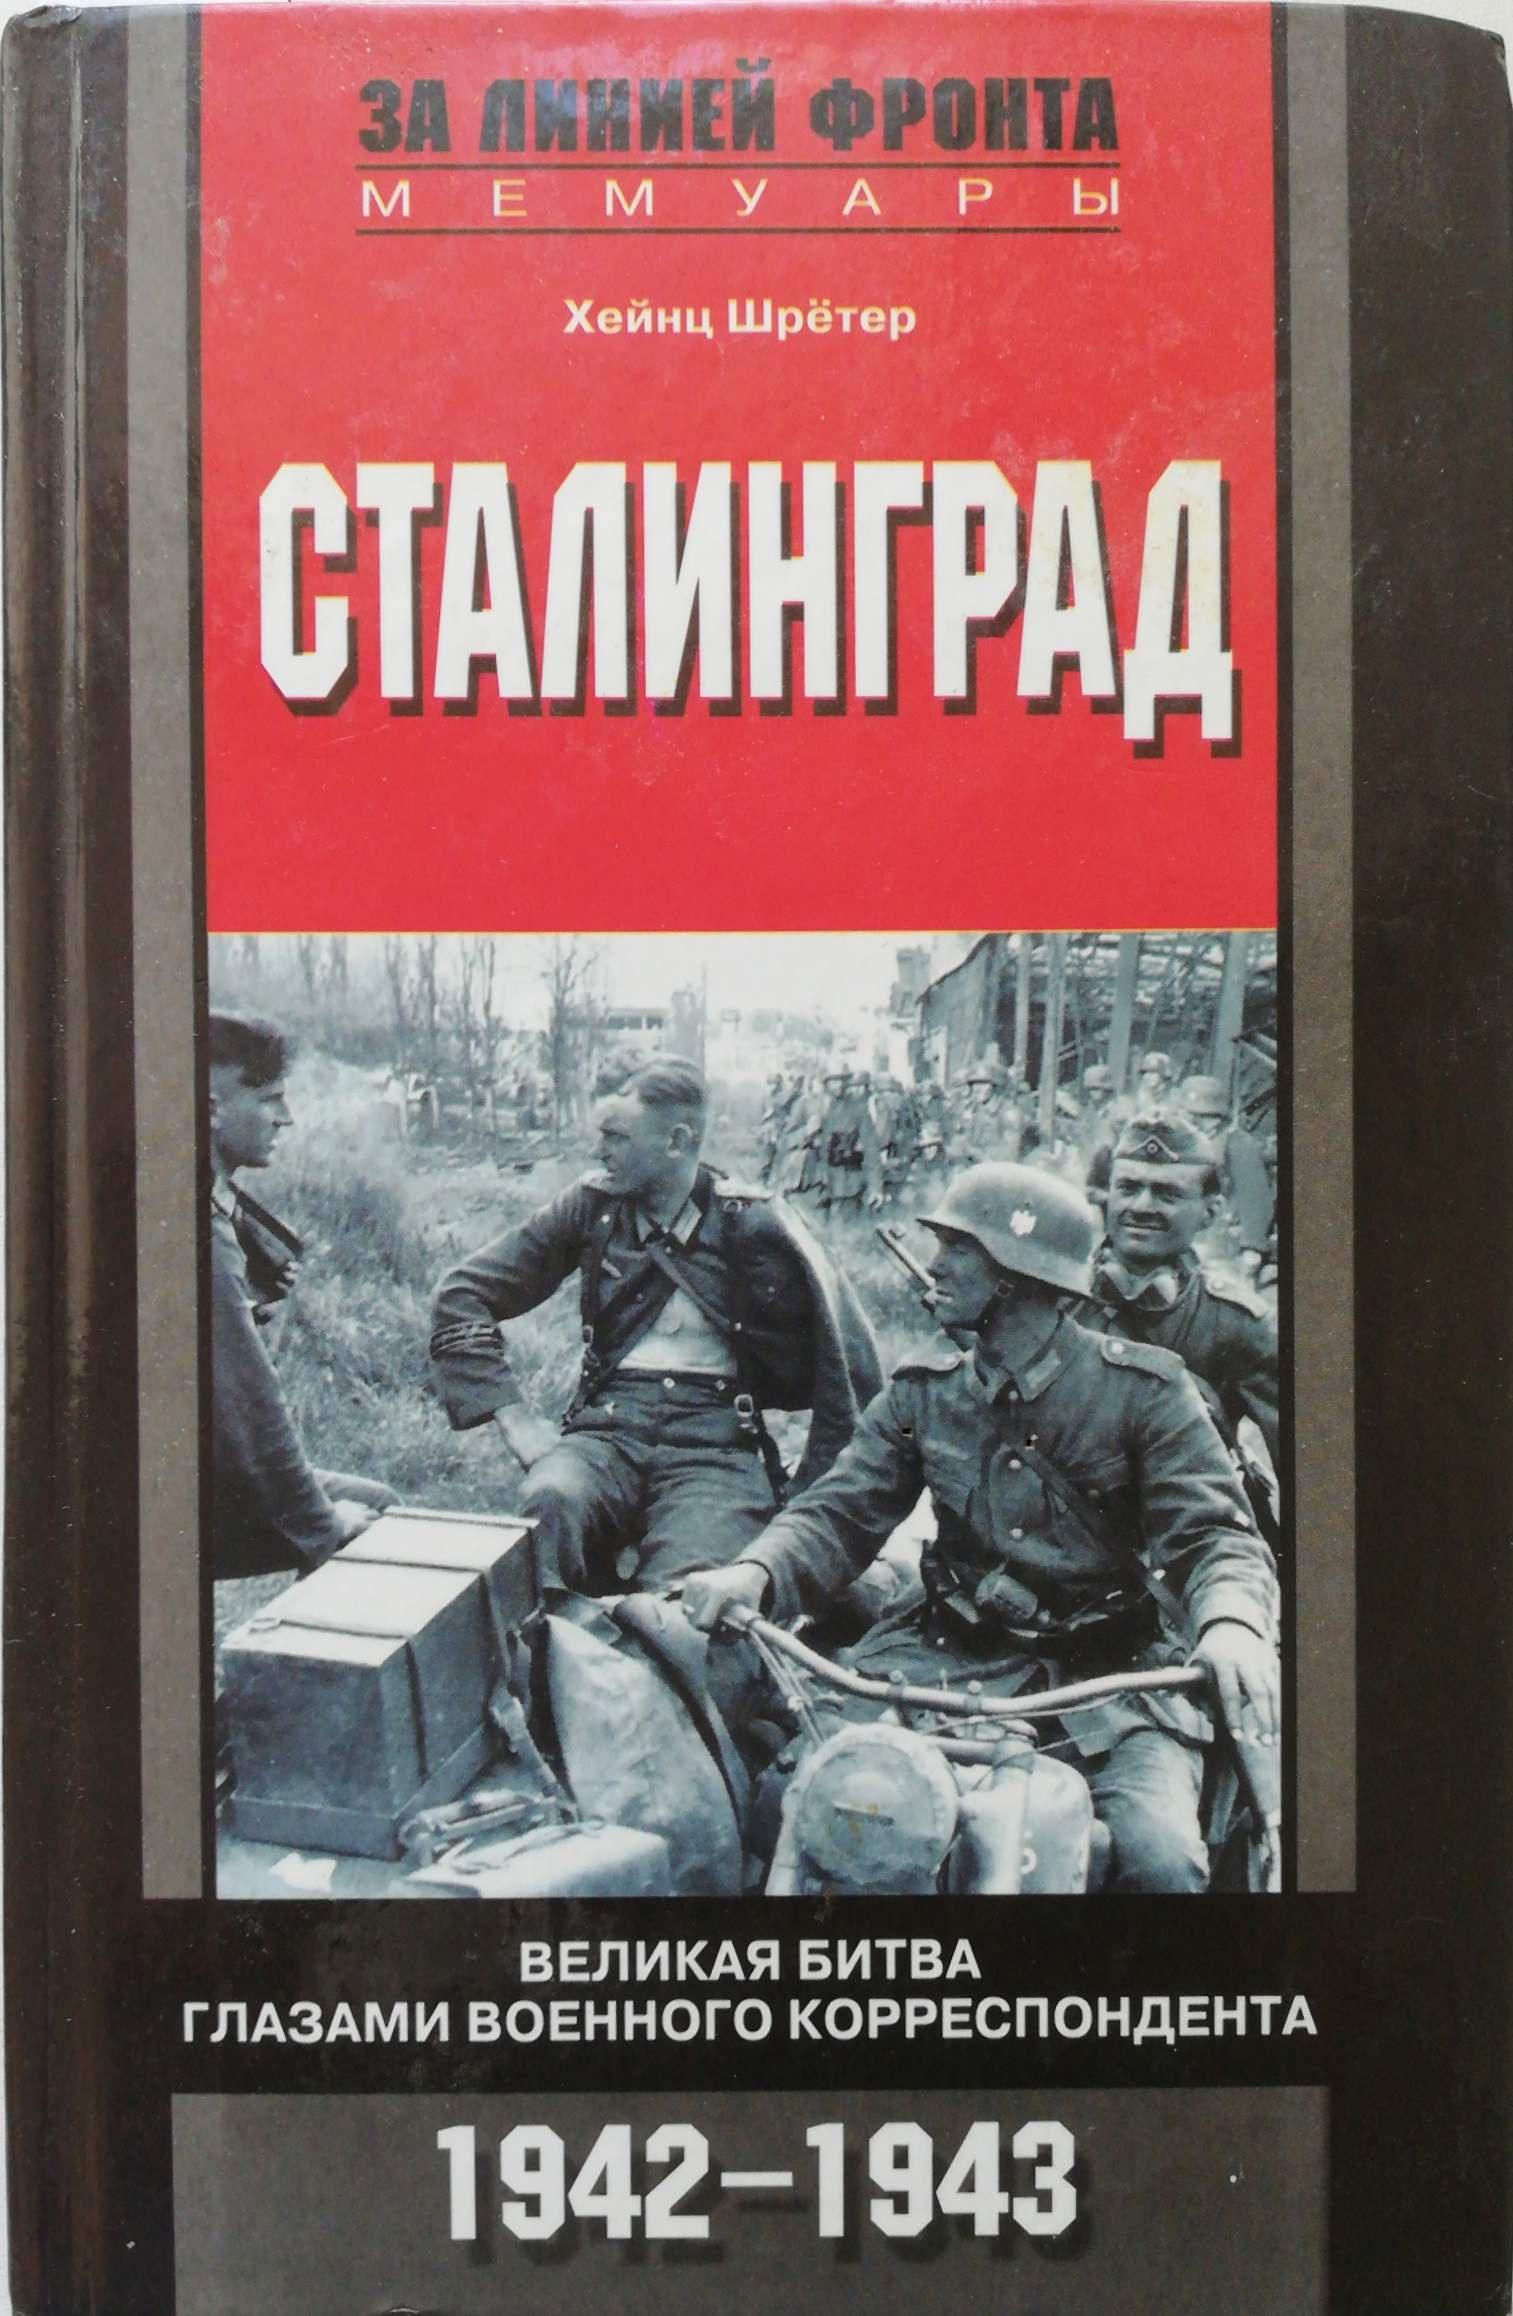 Х.Шретер Сталинград. Великая битва глазами военного корреспондента. 1942-1943